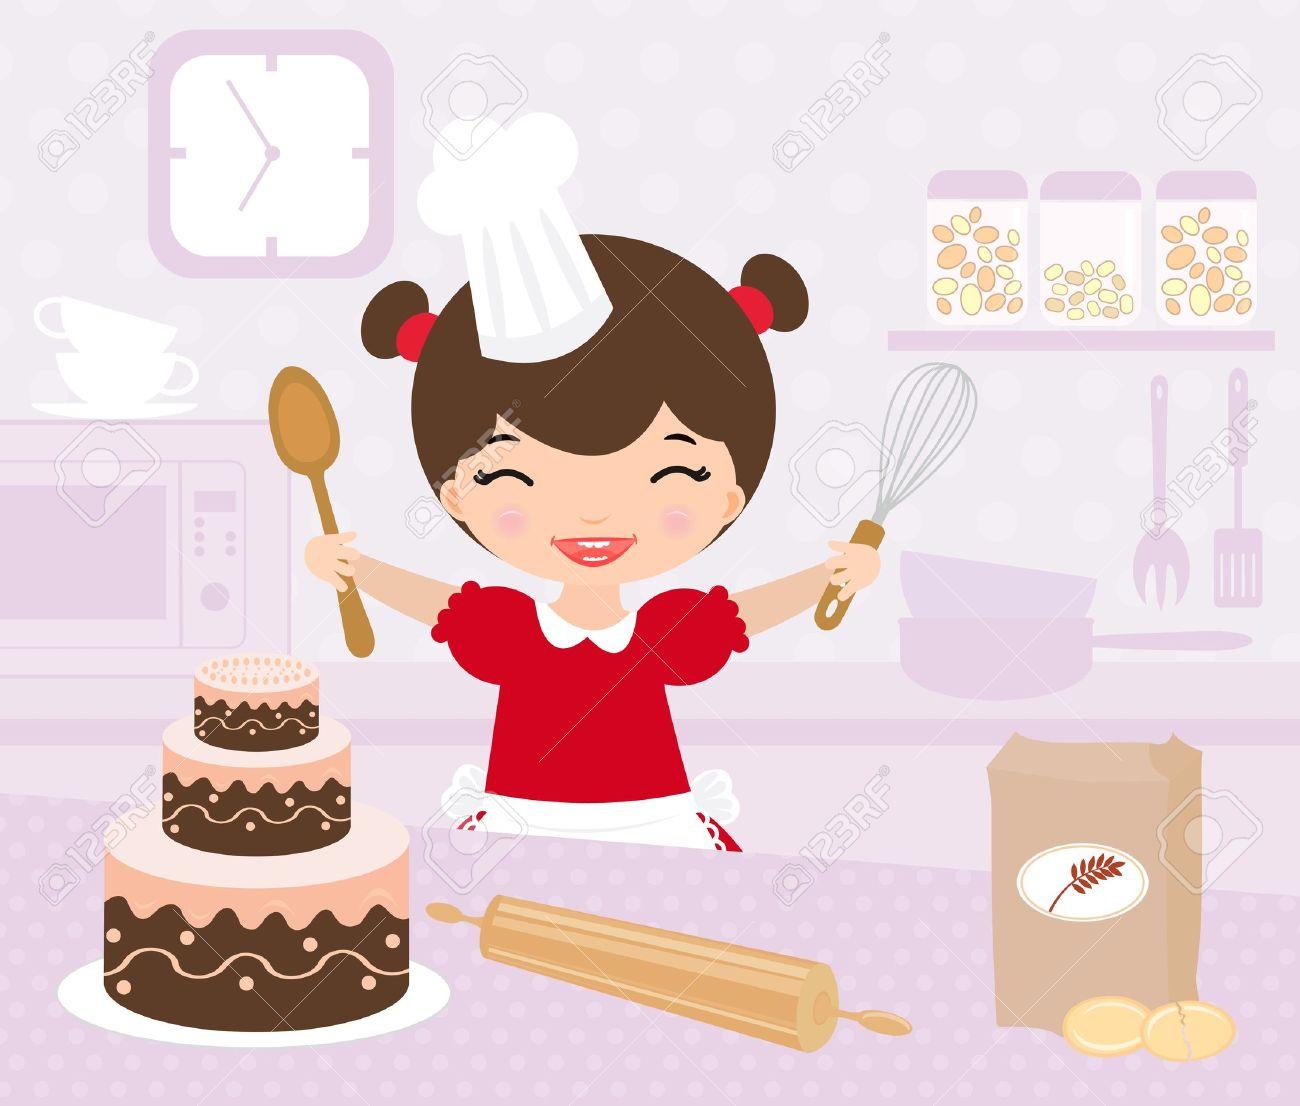 Woman Baker Clipart